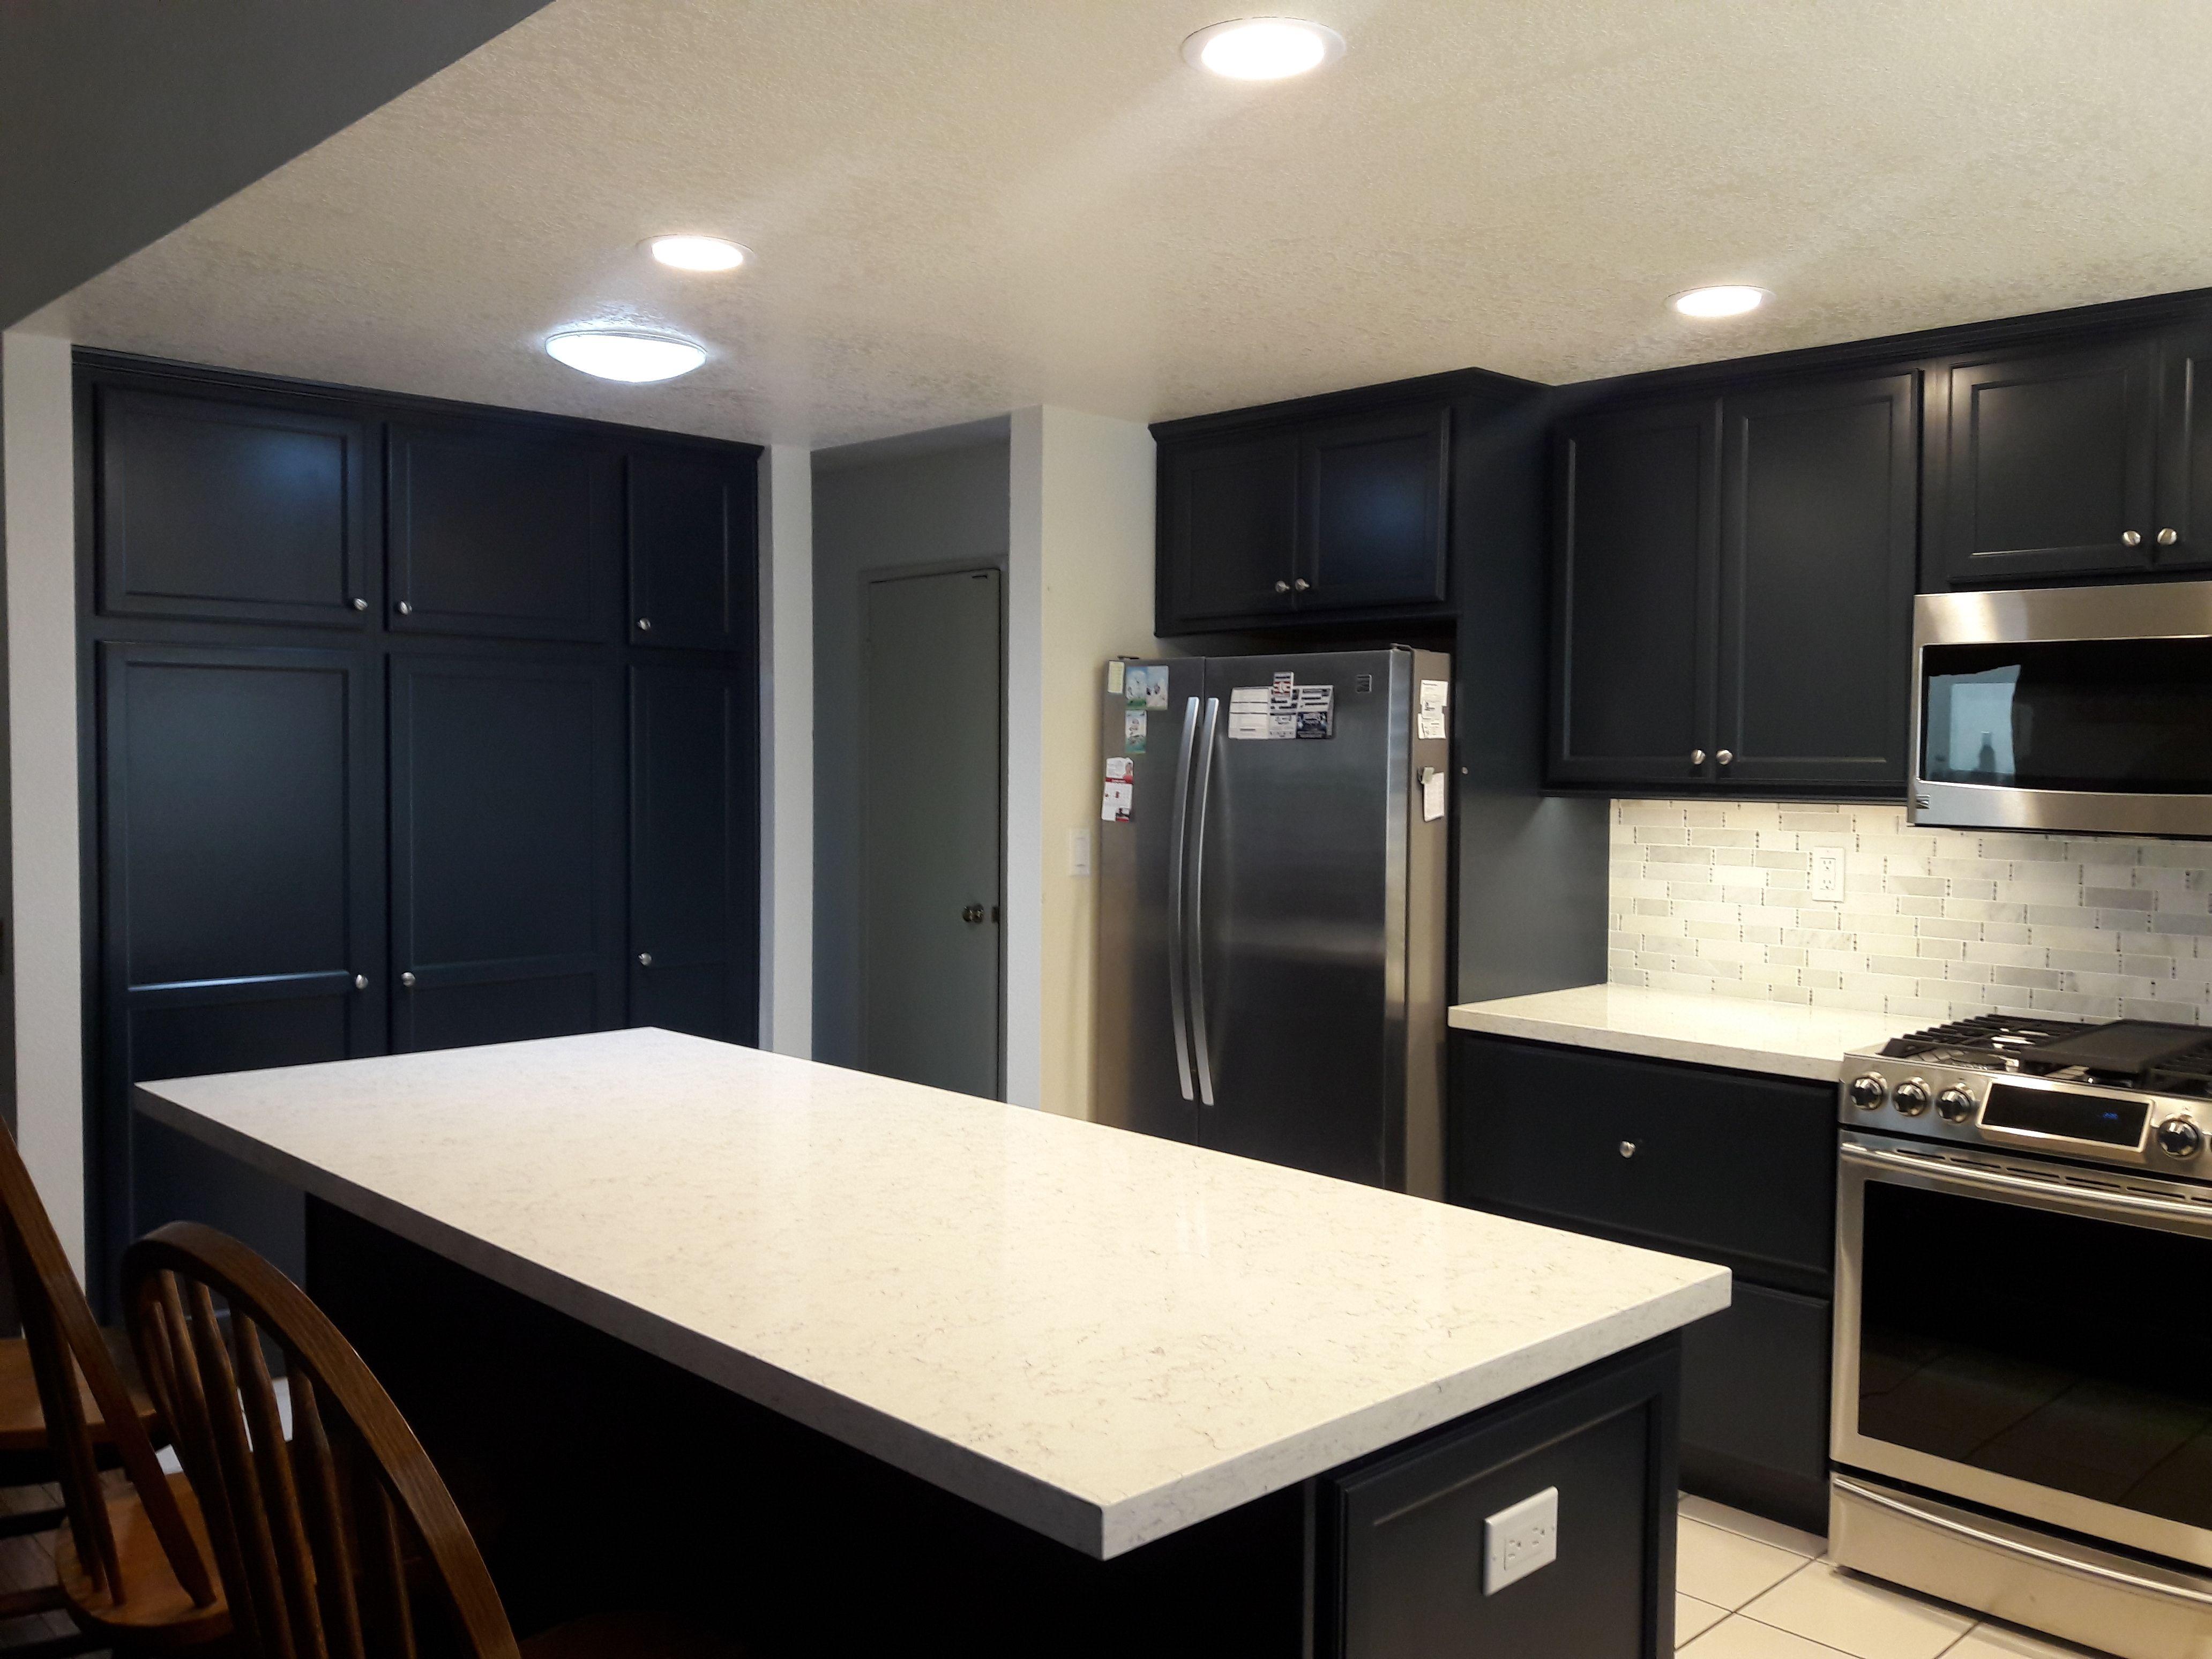 Dixieline Lumber Kitchen Diamond Cabinets Ridgefield Door in